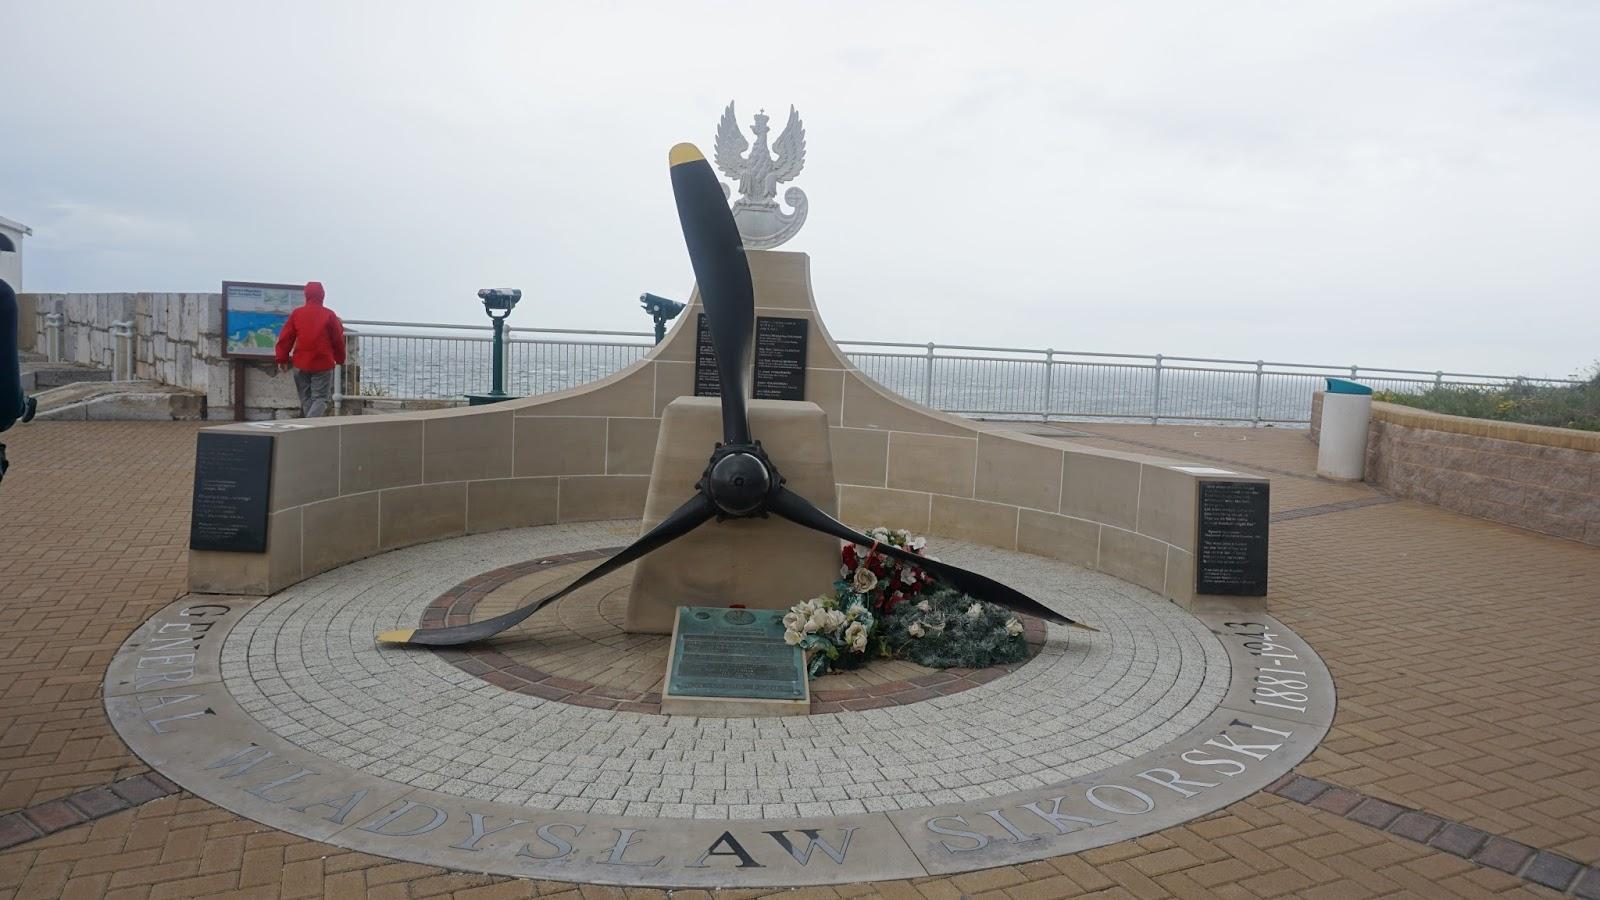 Pomnik gen. Sikorskiego na Gibraltarze, Gibraltar, Sikorski